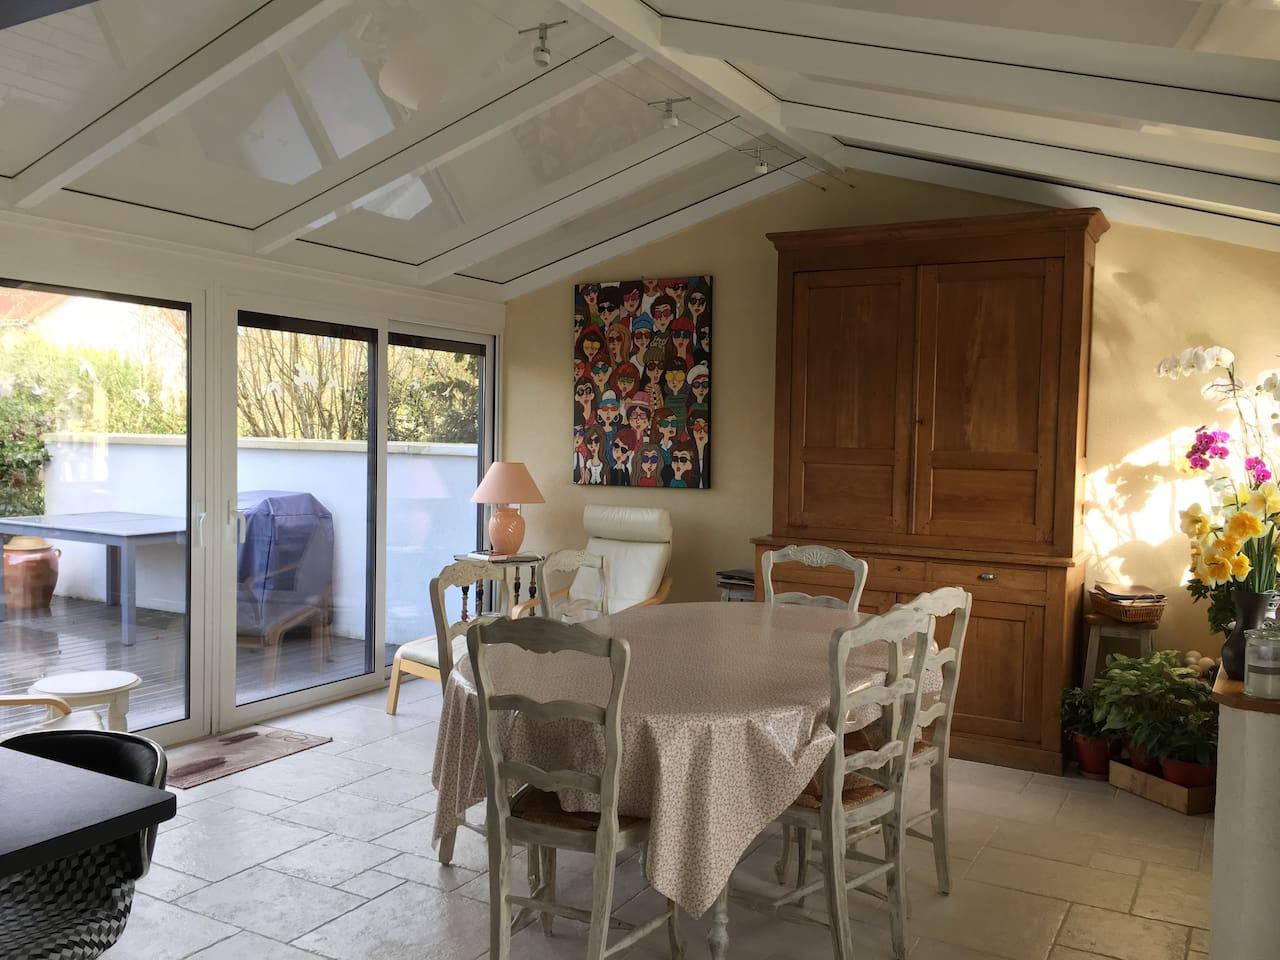 Autre vue de la véranda, pièce lumineuse ouverte sur la cuisine et les 2 terrasses.